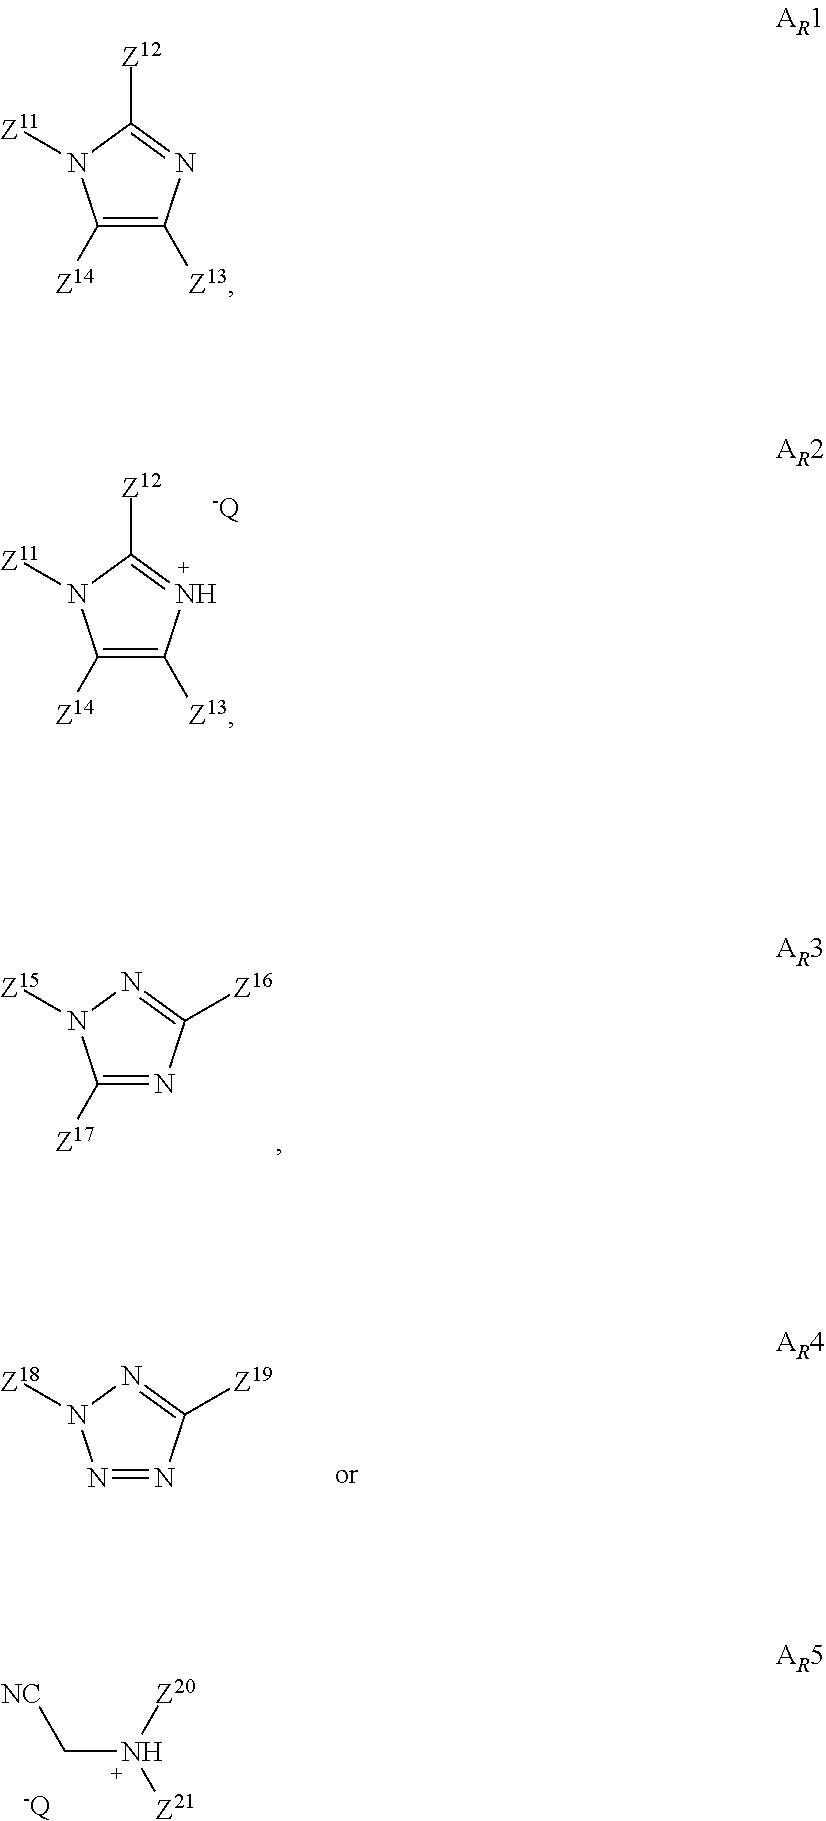 Figure US09394333-20160719-C00008